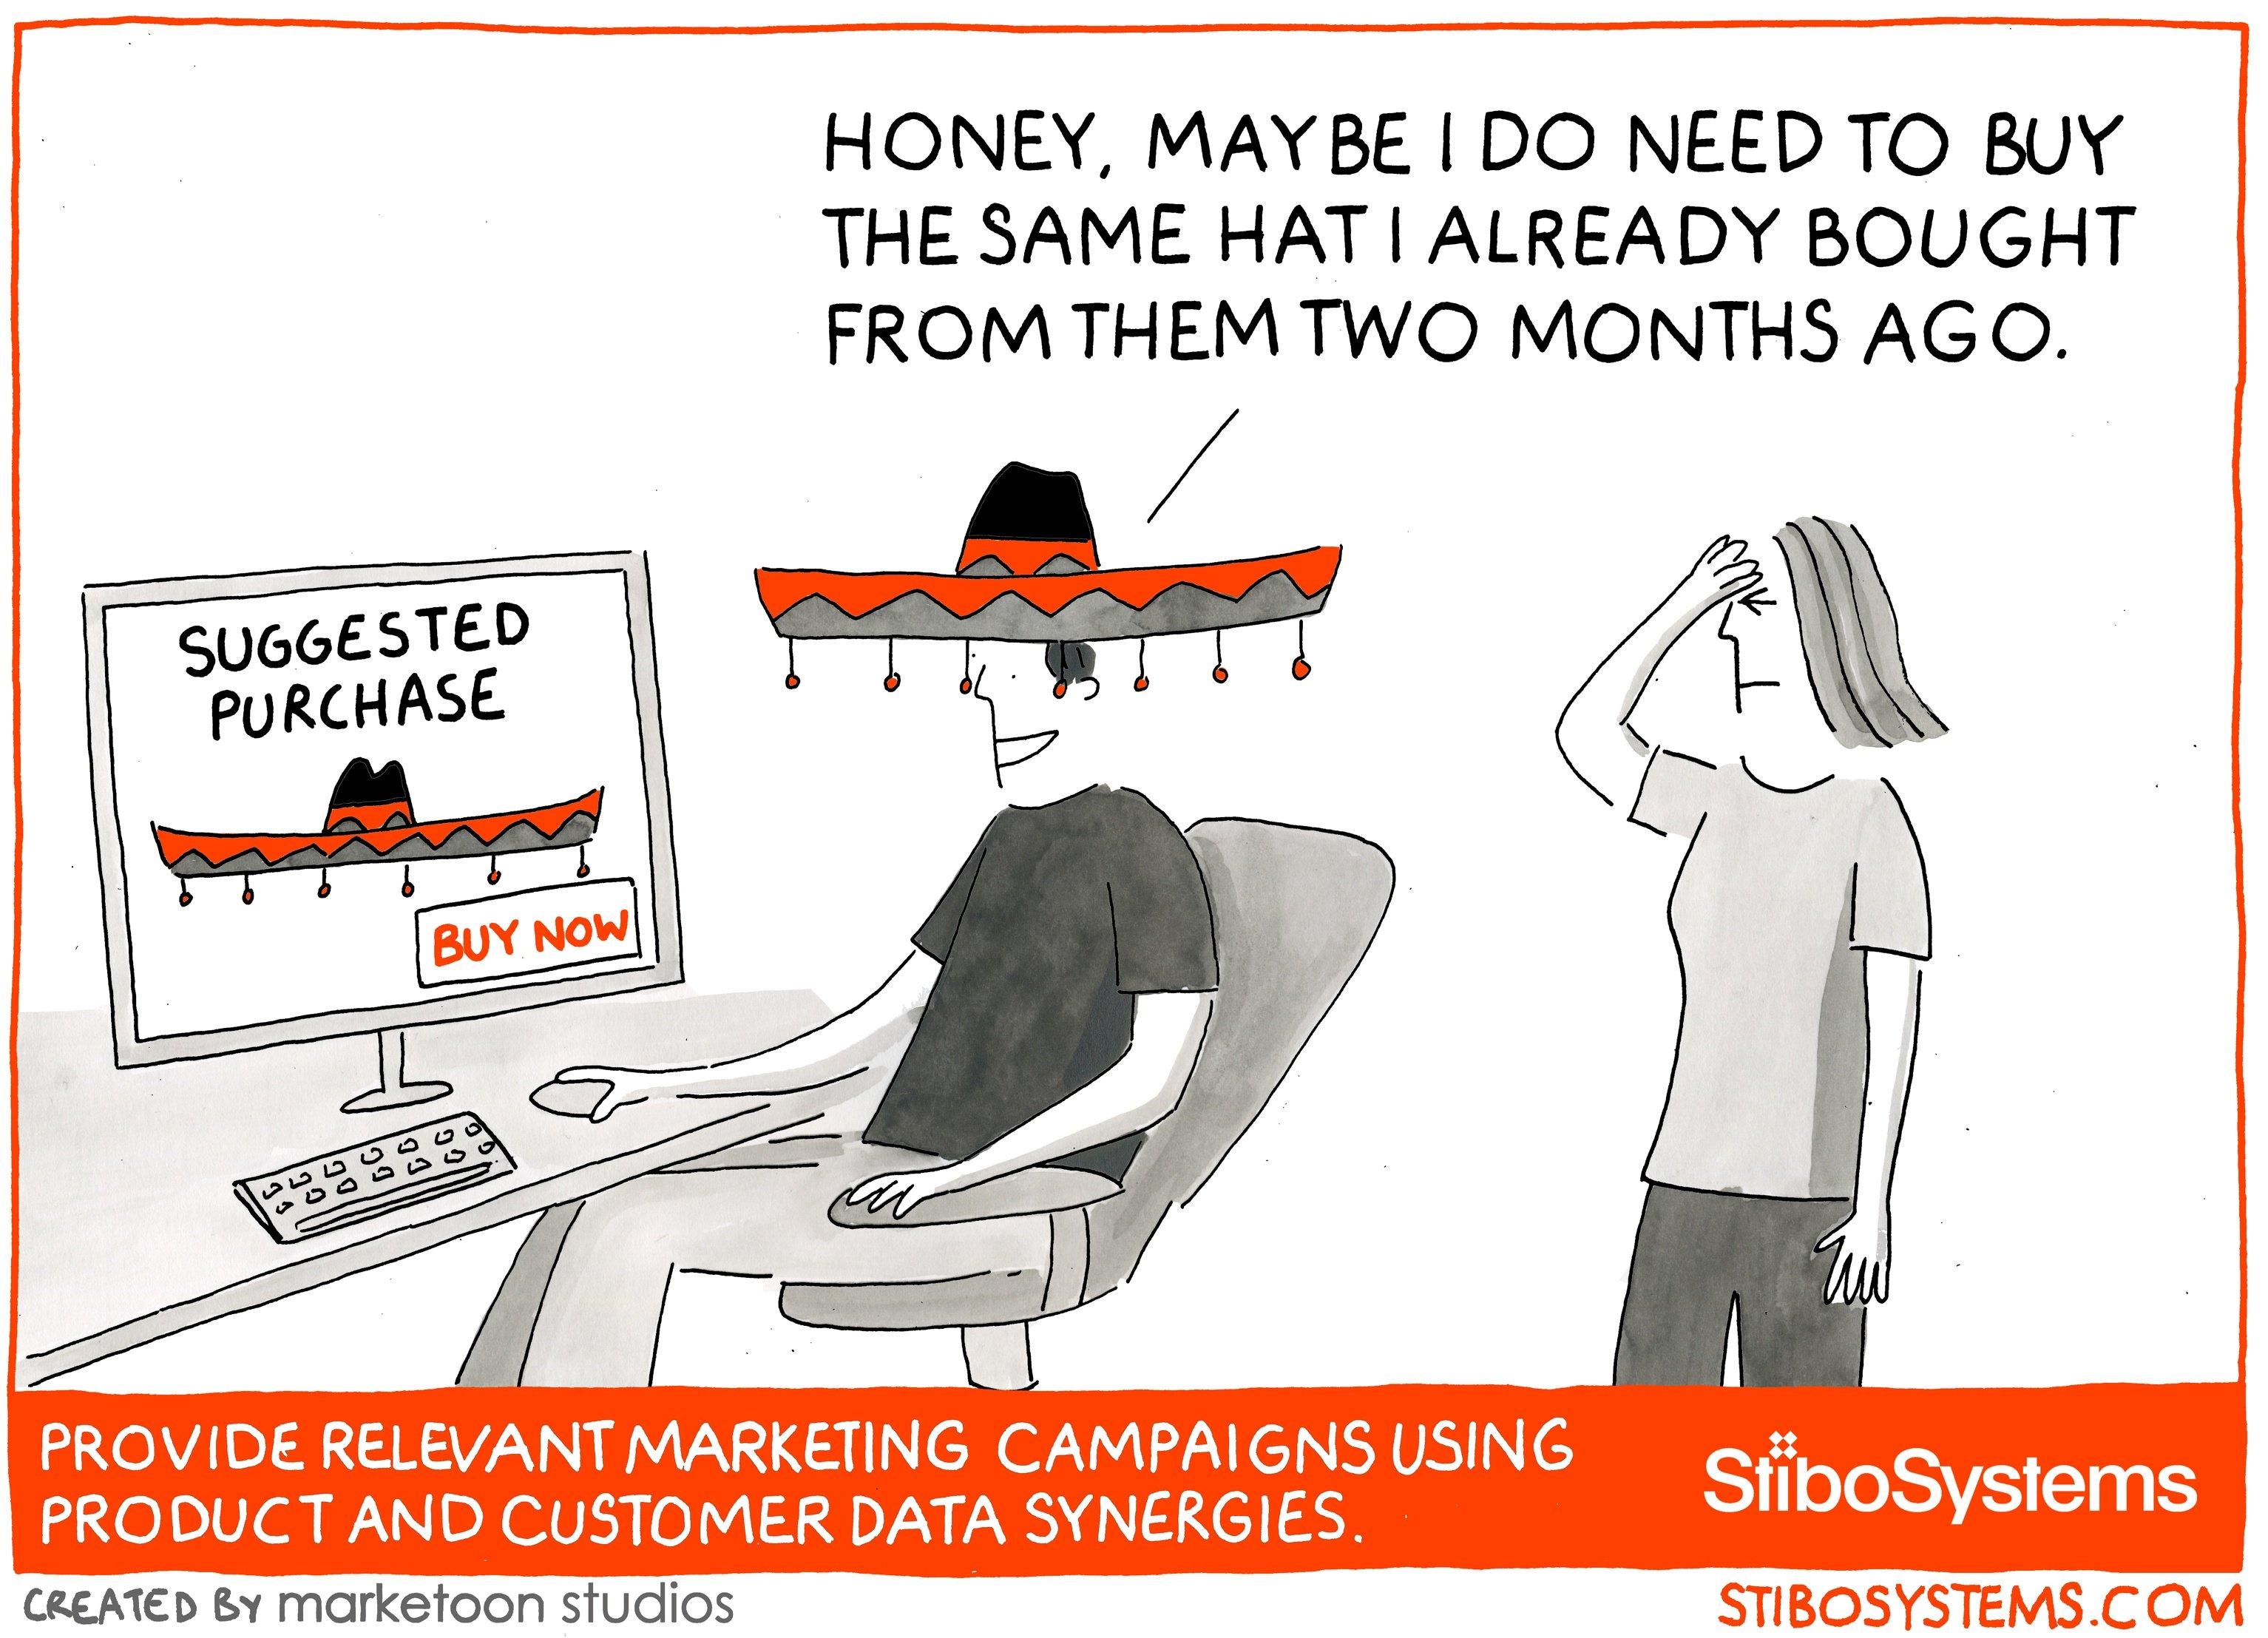 Datenmodelle im Hinblick auf durchgehend einheitliche Kundenprofile